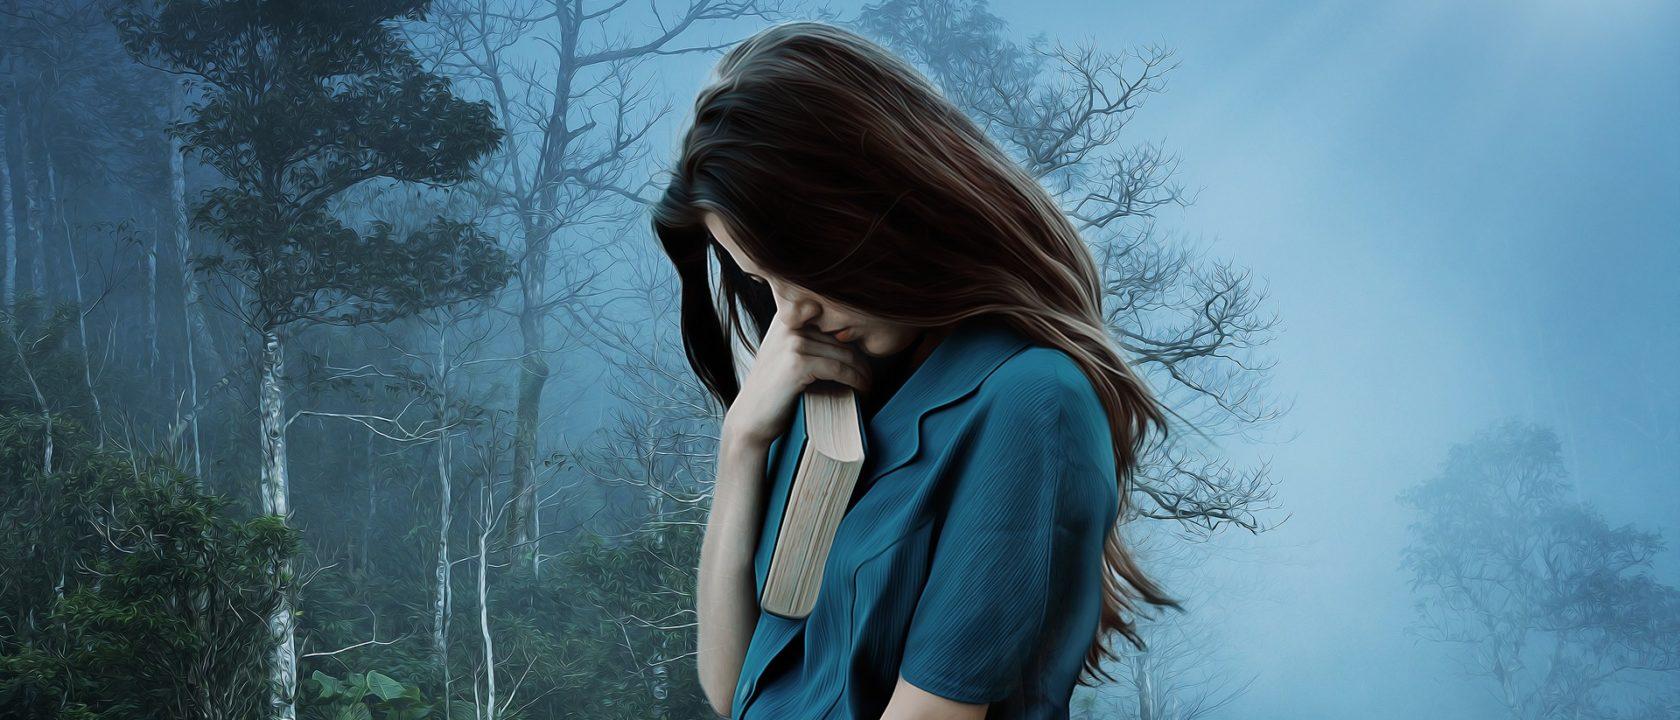 Kitabına sarılmış utangaç görünümlü kız.